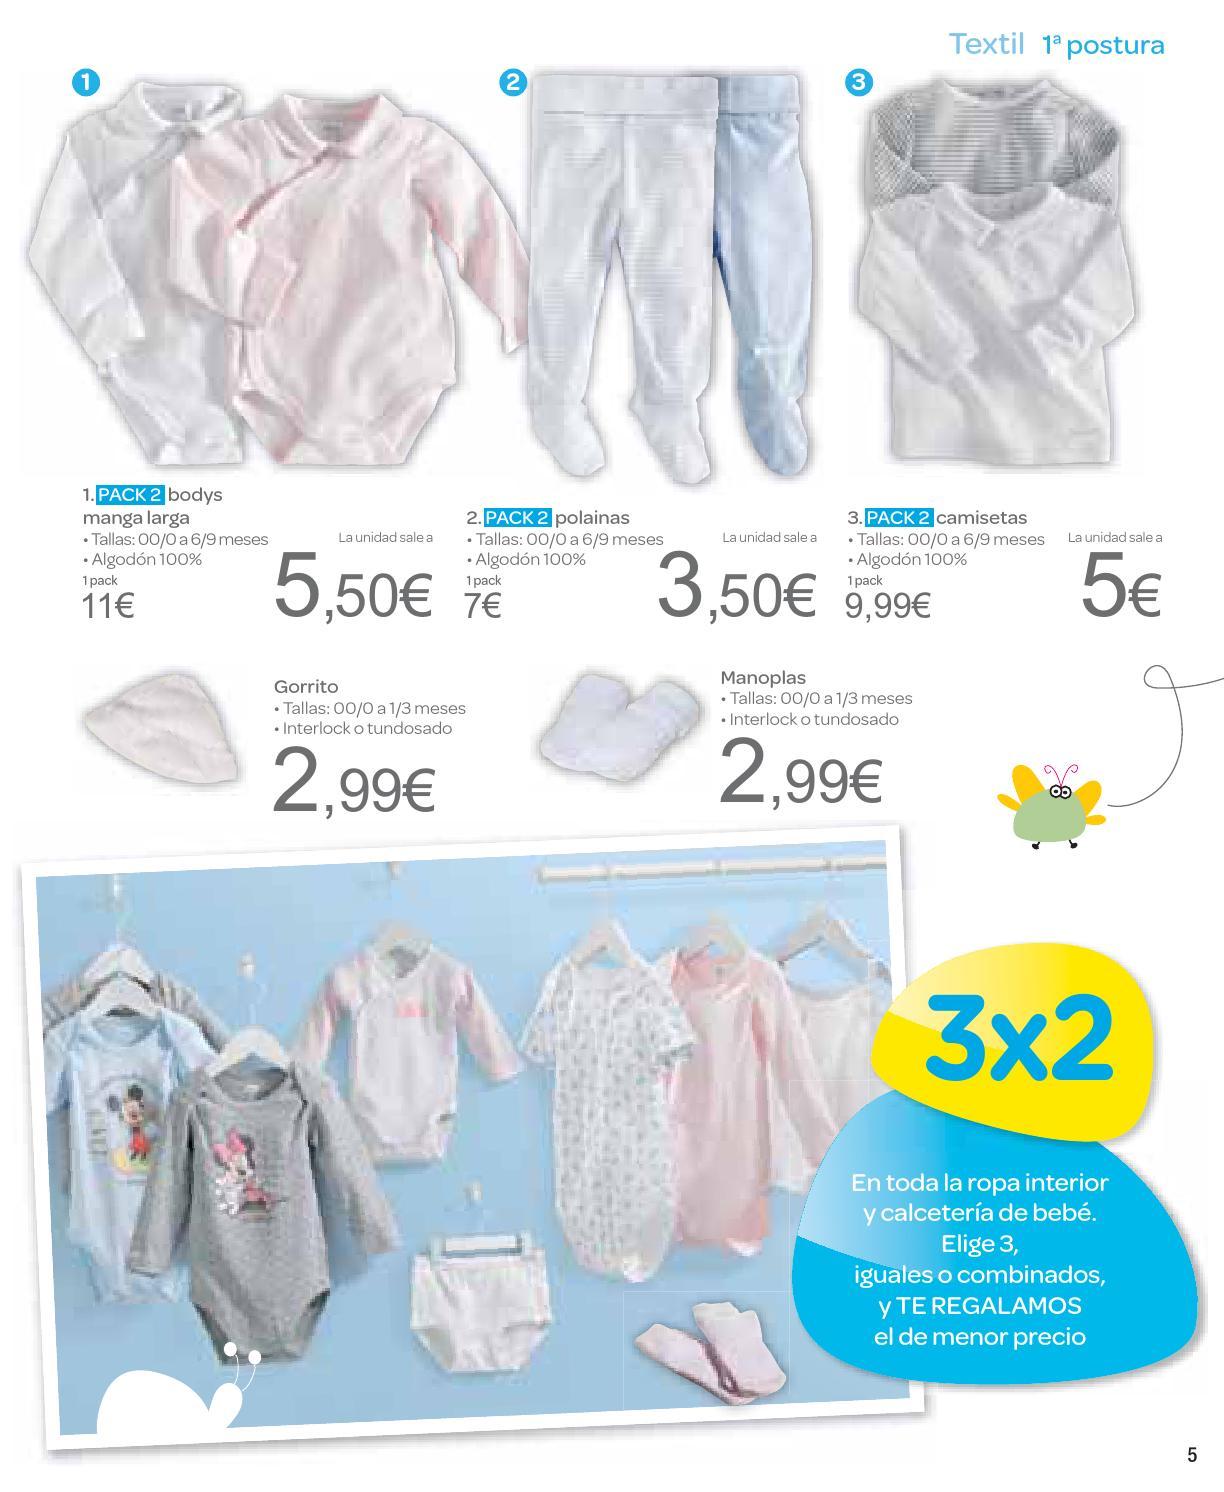 Precio de fábrica 2019 moderno y elegante en moda mayor selección de 2019 Catalogo carrefour bebe septiembre 2013 by Carrefour Online ...